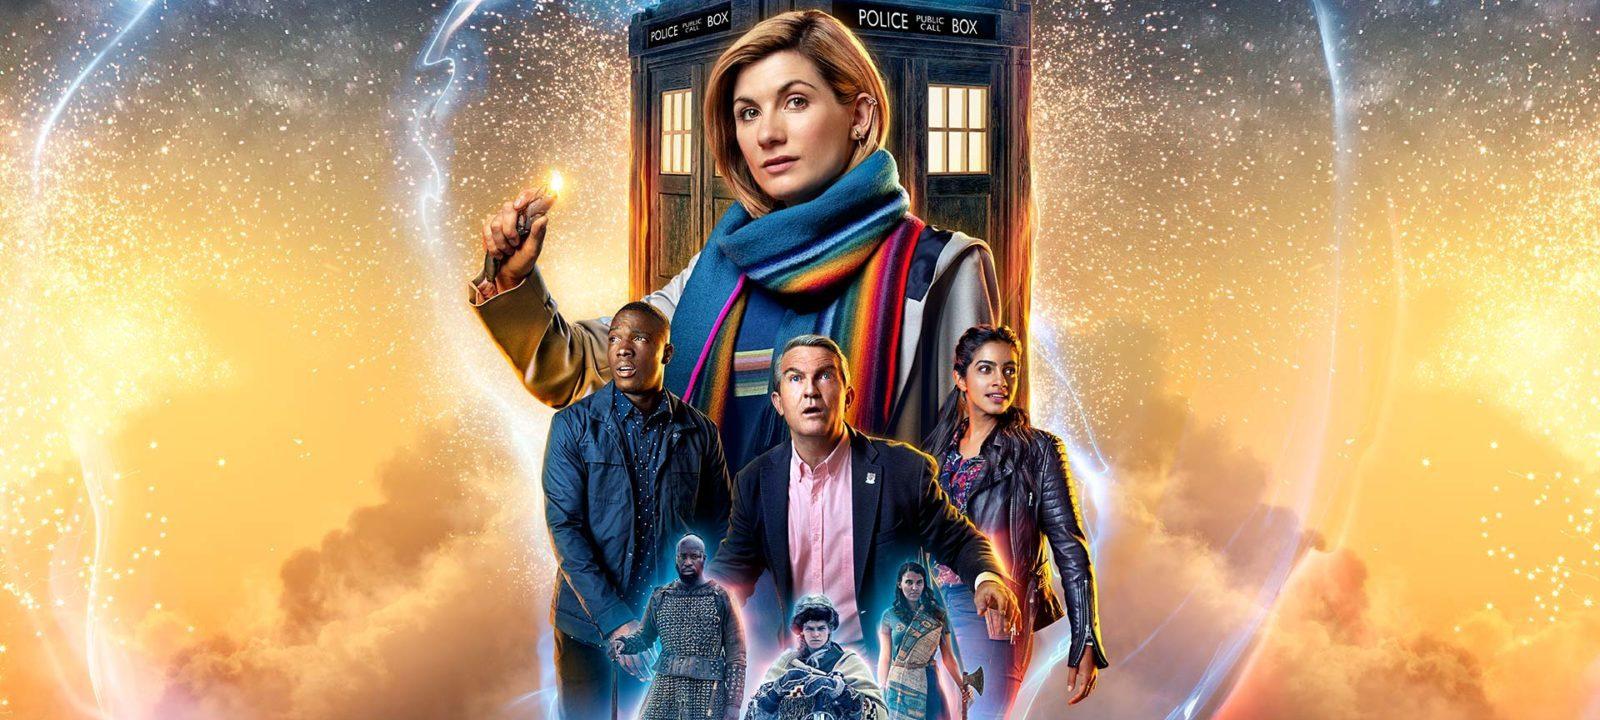 Doctor Who: Všechny díly budou exkluzivně dostupné na HBO Max   Fandíme filmu